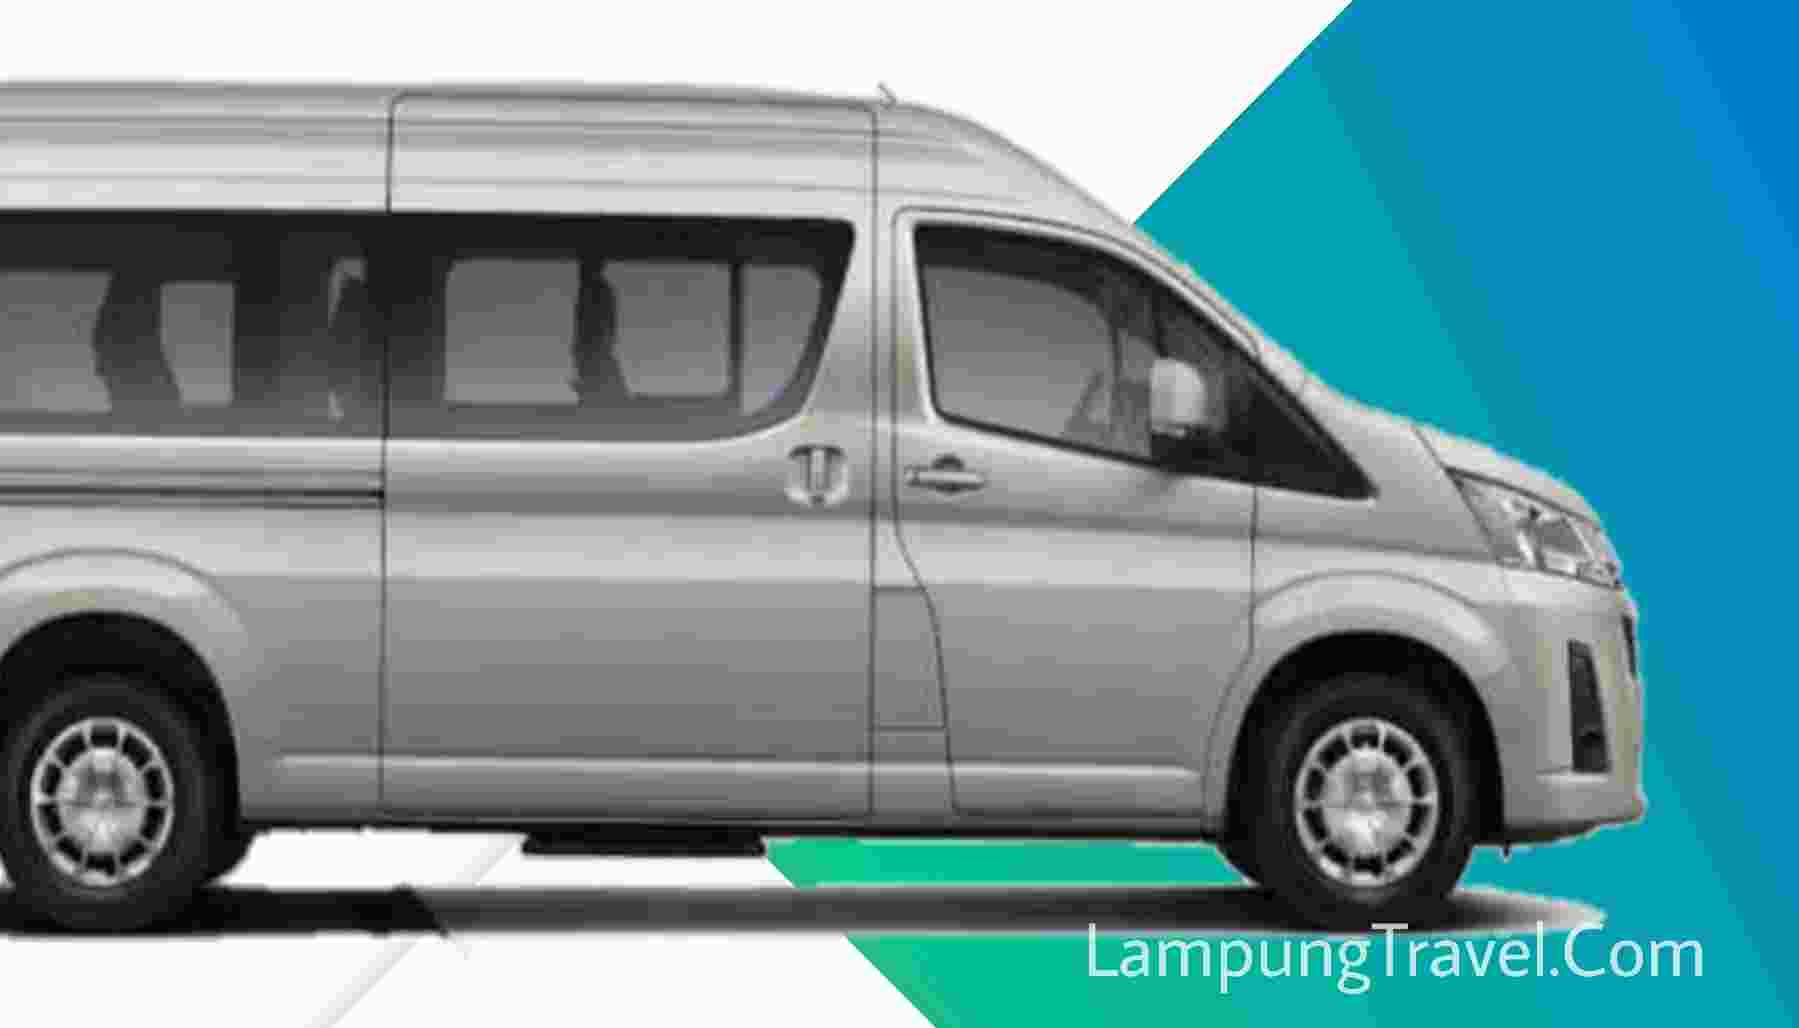 Travel Serpong Pringsewu Metro Lampung